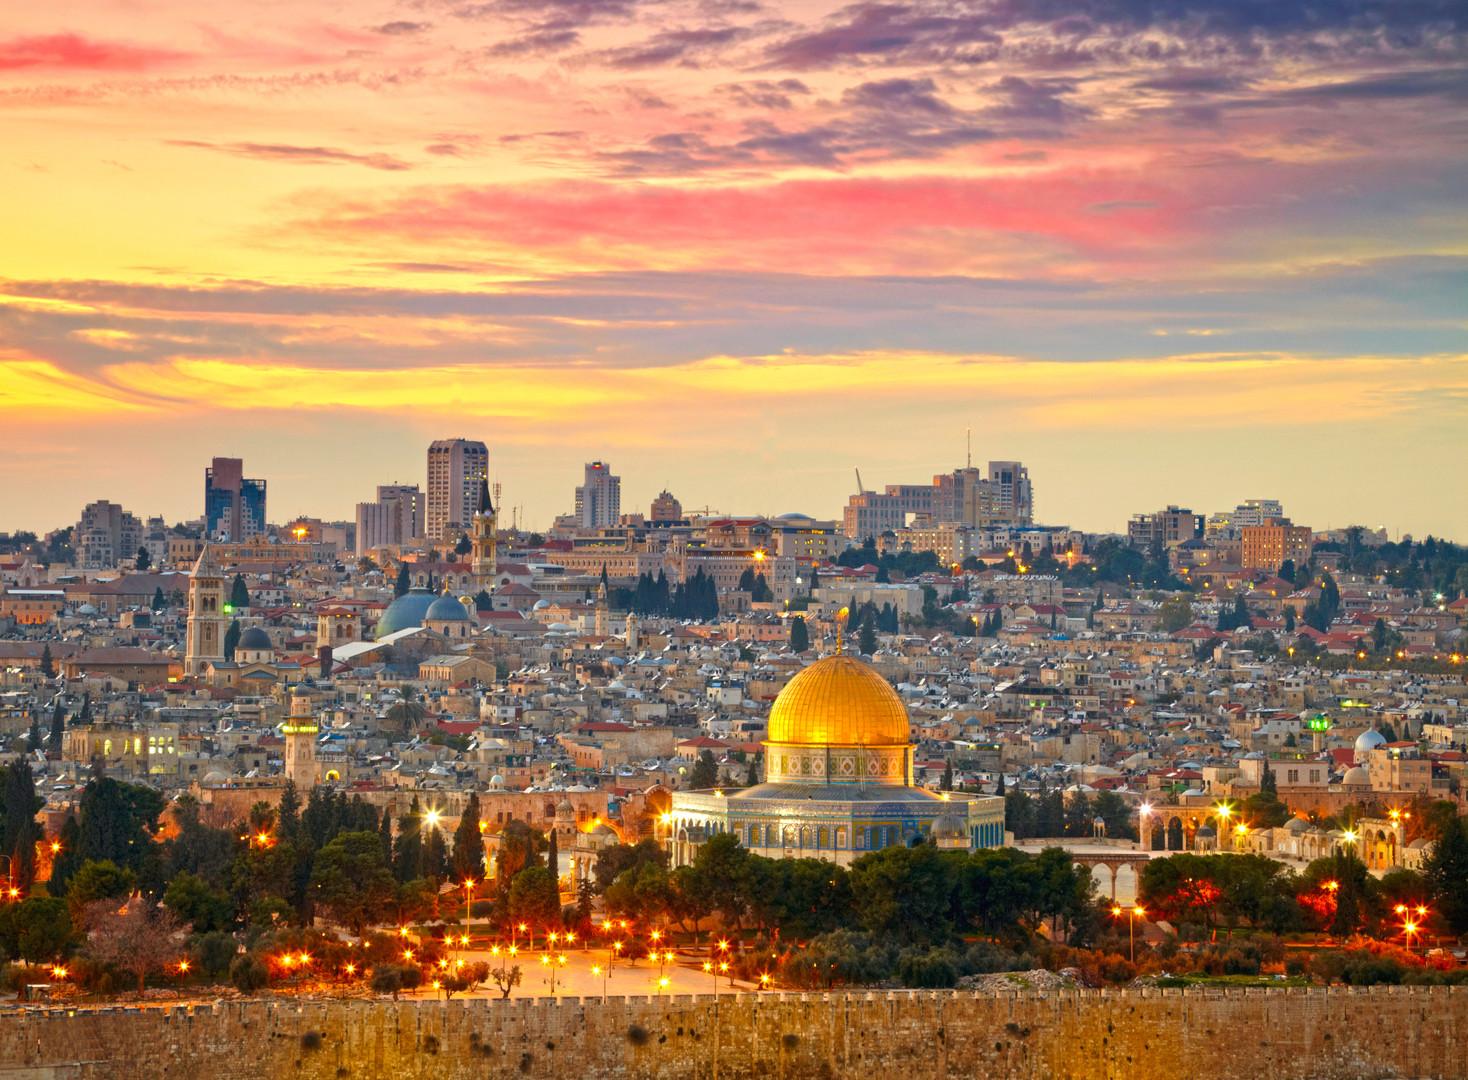 Ve stínu olivovníku - to je Izrael